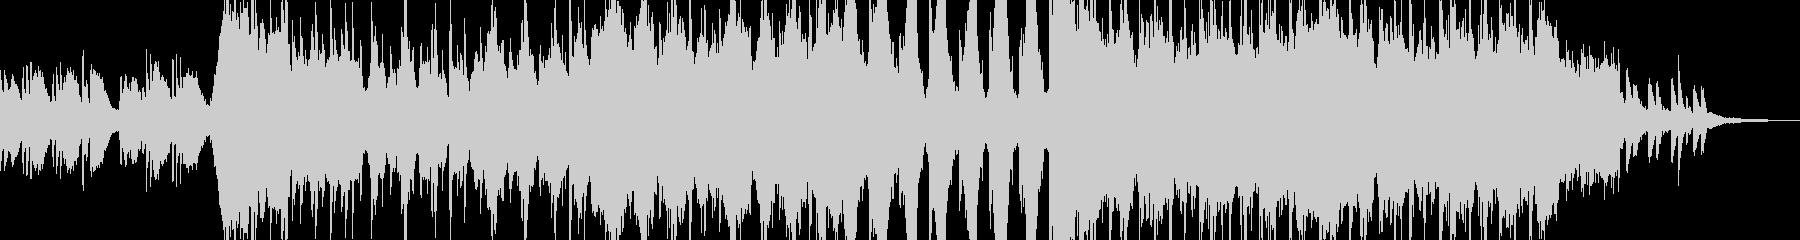 壮大な映像向け和風BGMの未再生の波形